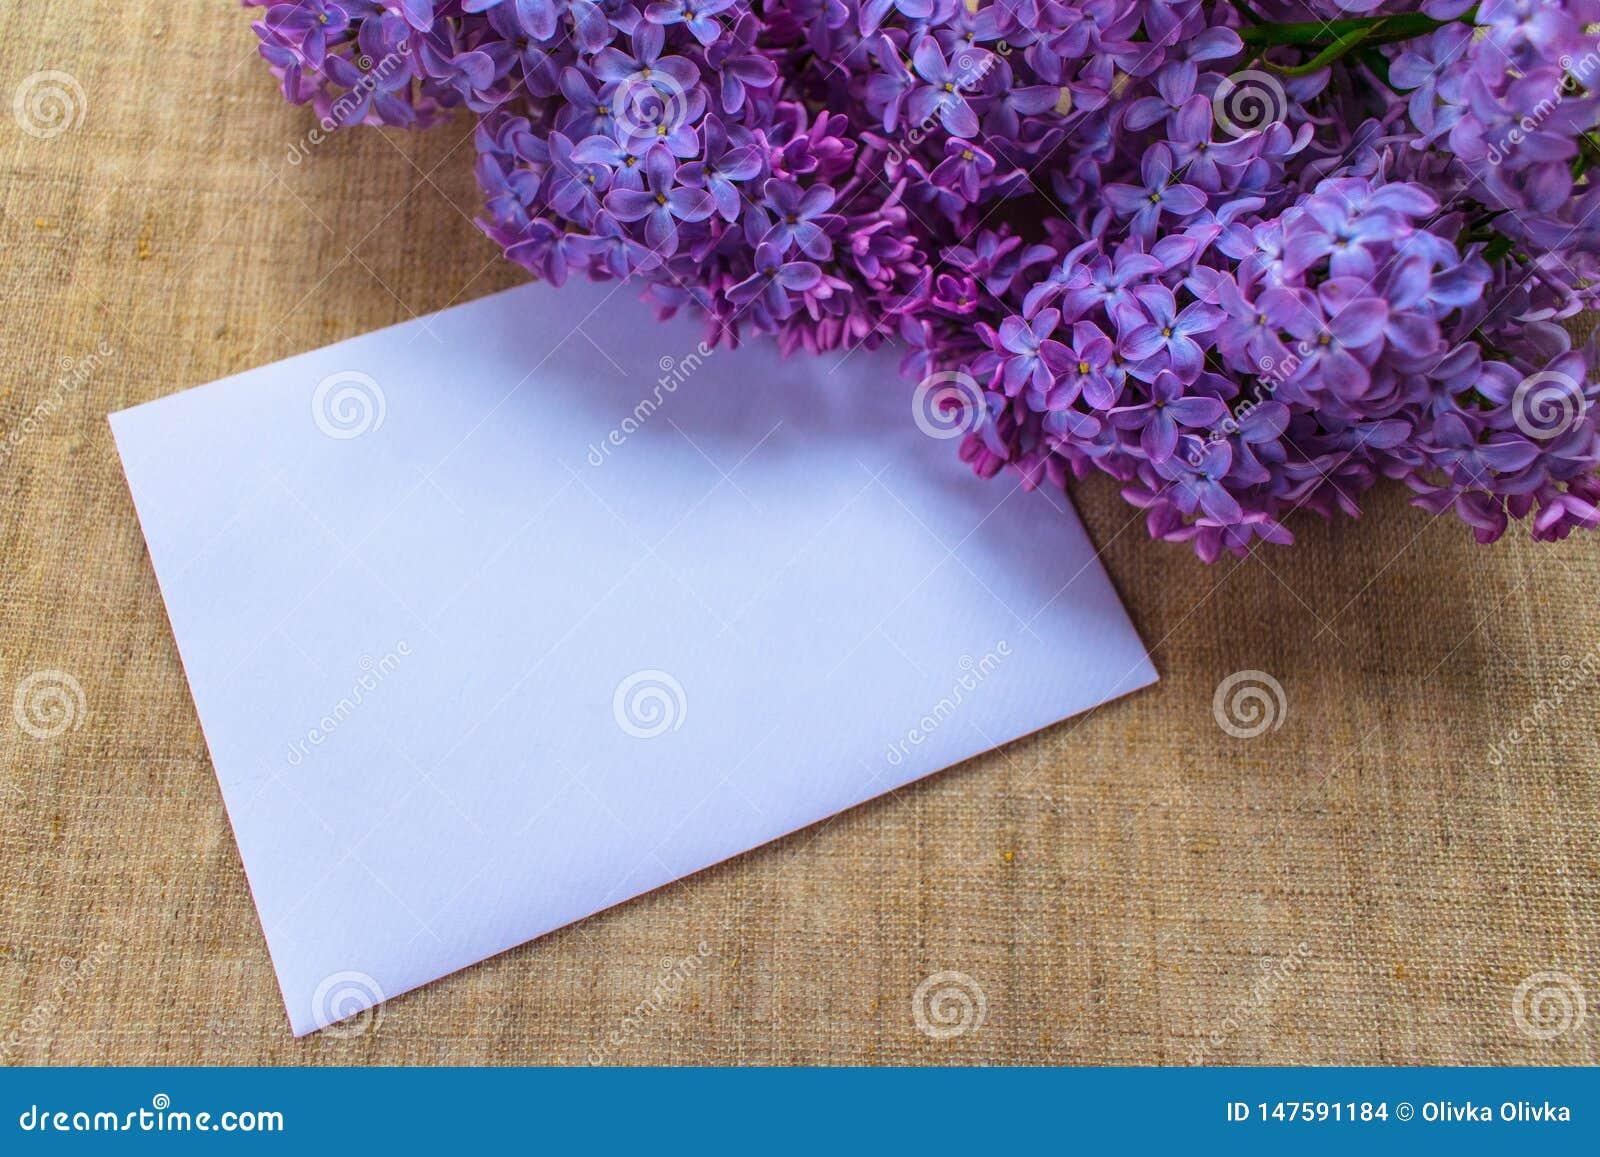 Ιώδη λουλούδια σε ένα ιώδες βάζο και έναν φάκελο με μια θέση για μια επιγραφή Κάρτα